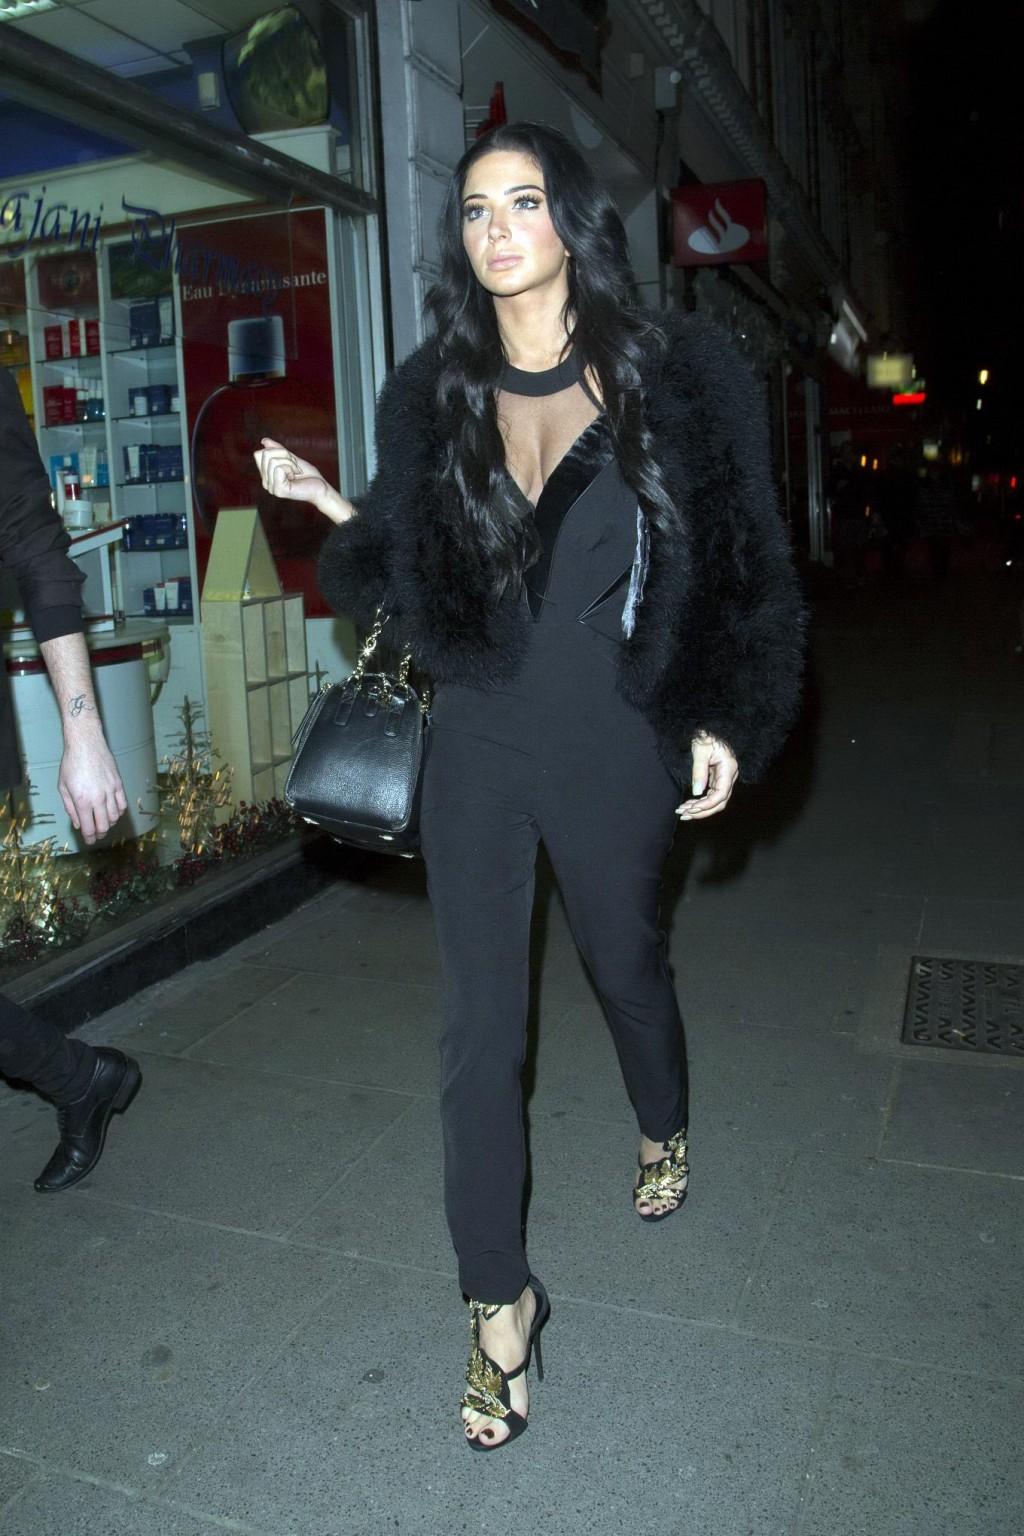 Брюнетка с шикарными длинными волосами прогуливается по вечернему городу